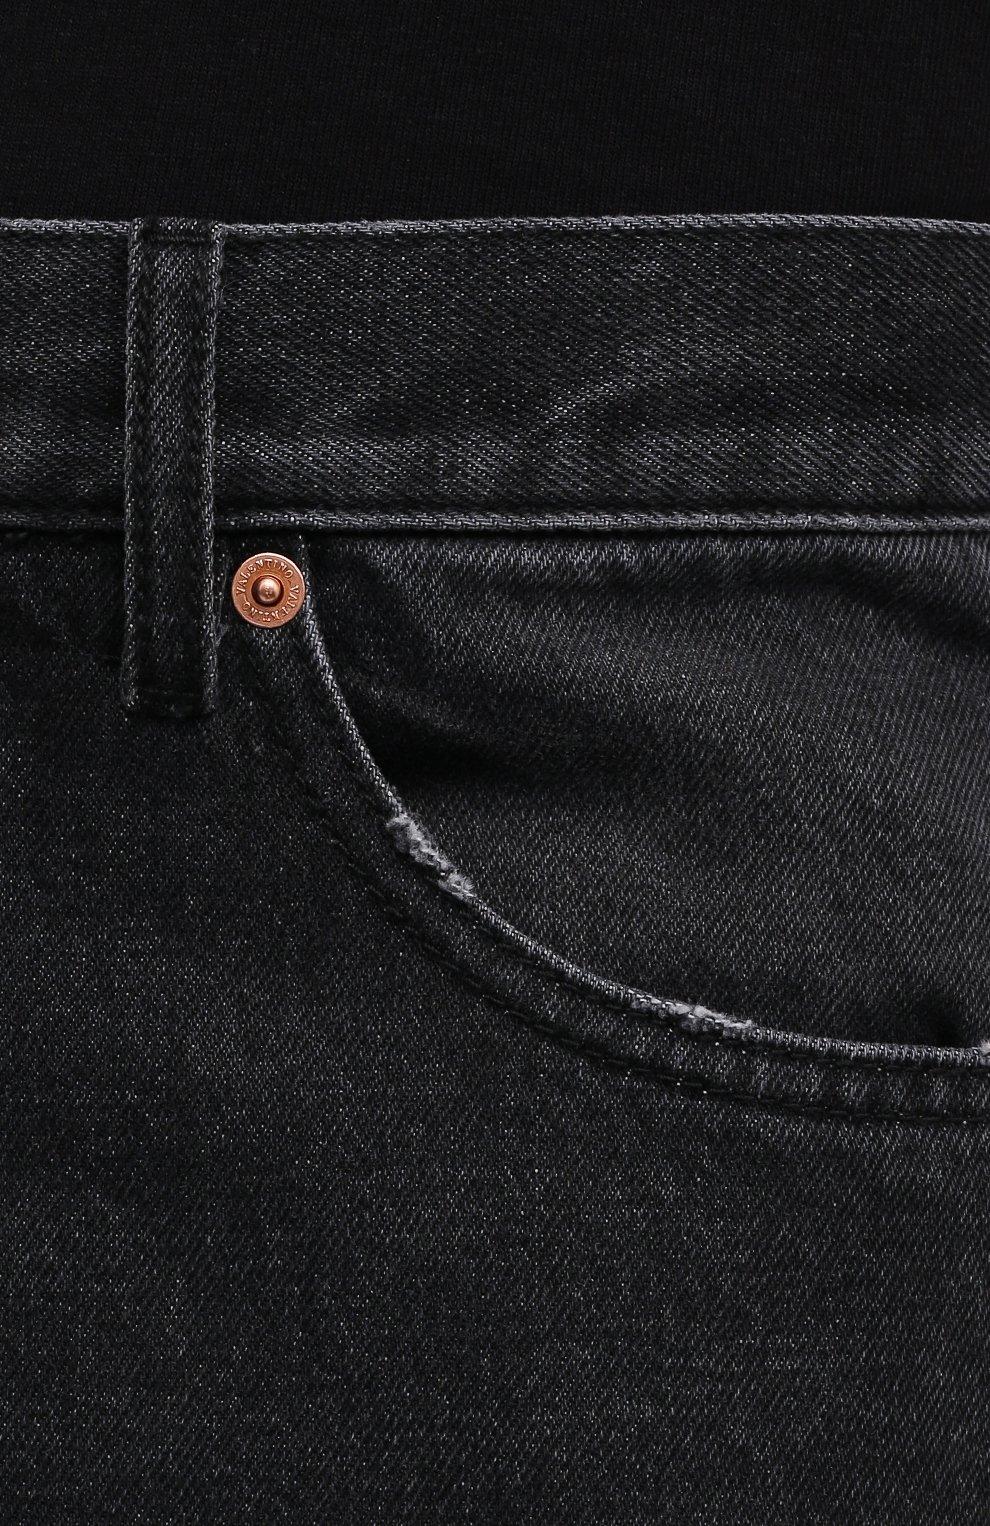 Мужские джинсы VALENTINO серого цвета, арт. WV3DE01U7FU | Фото 5 (Силуэт М (брюки): Прямые; Длина (брюки, джинсы): Стандартные; Материал внешний: Хлопок; Стили: Кэжуэл)